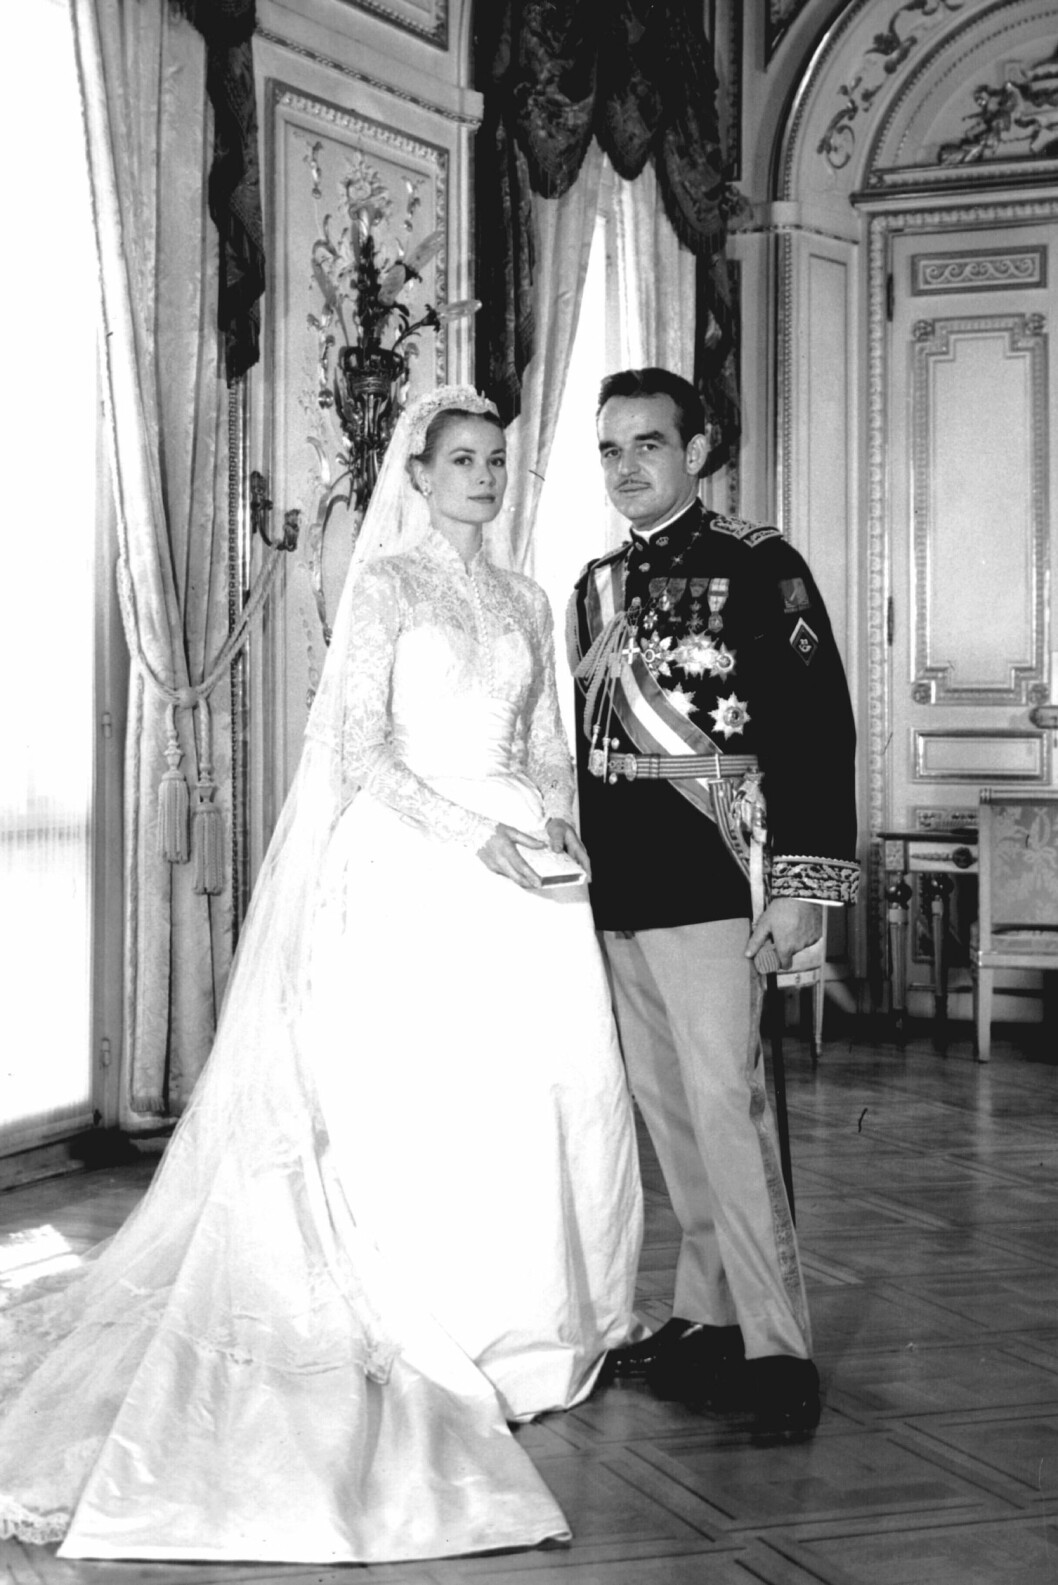 <strong>GODT GIFT:</strong> Fyrst Rainier III møtte den amerikanske skuespillerinnen Grace Kelly under filmfestivalen i Cannes i 1955. Året etter sto det storslåtte bryllpet mellom den amerikanske skjønnheten og den flotte fyrsten i Monaco. Foto: NTB Scanpix